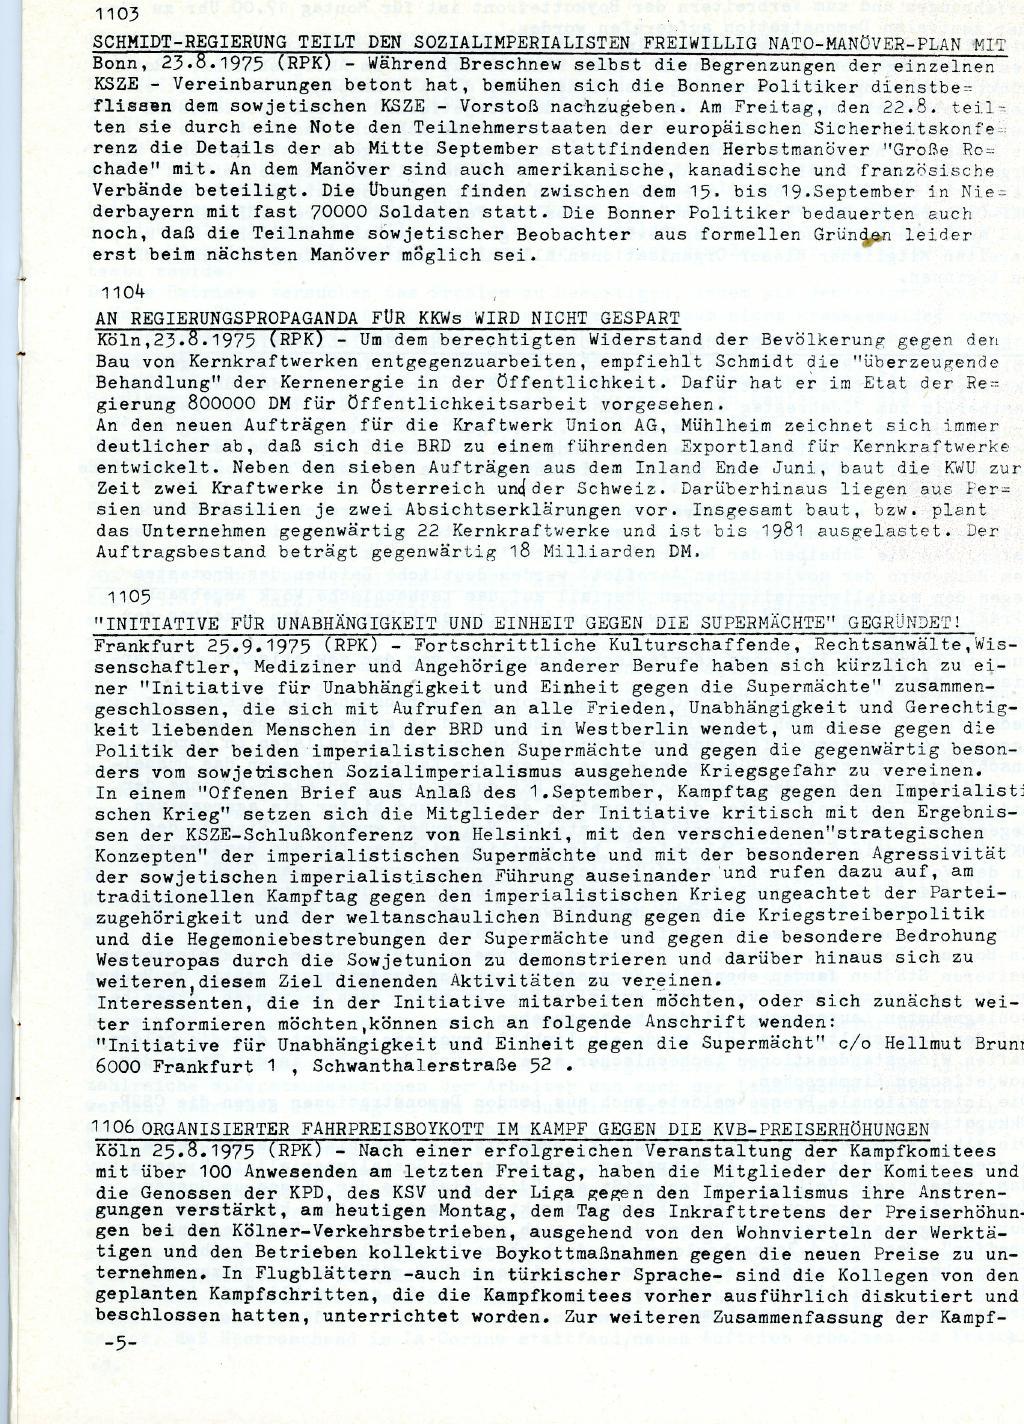 RPK_Pressedienst_1975_40_05